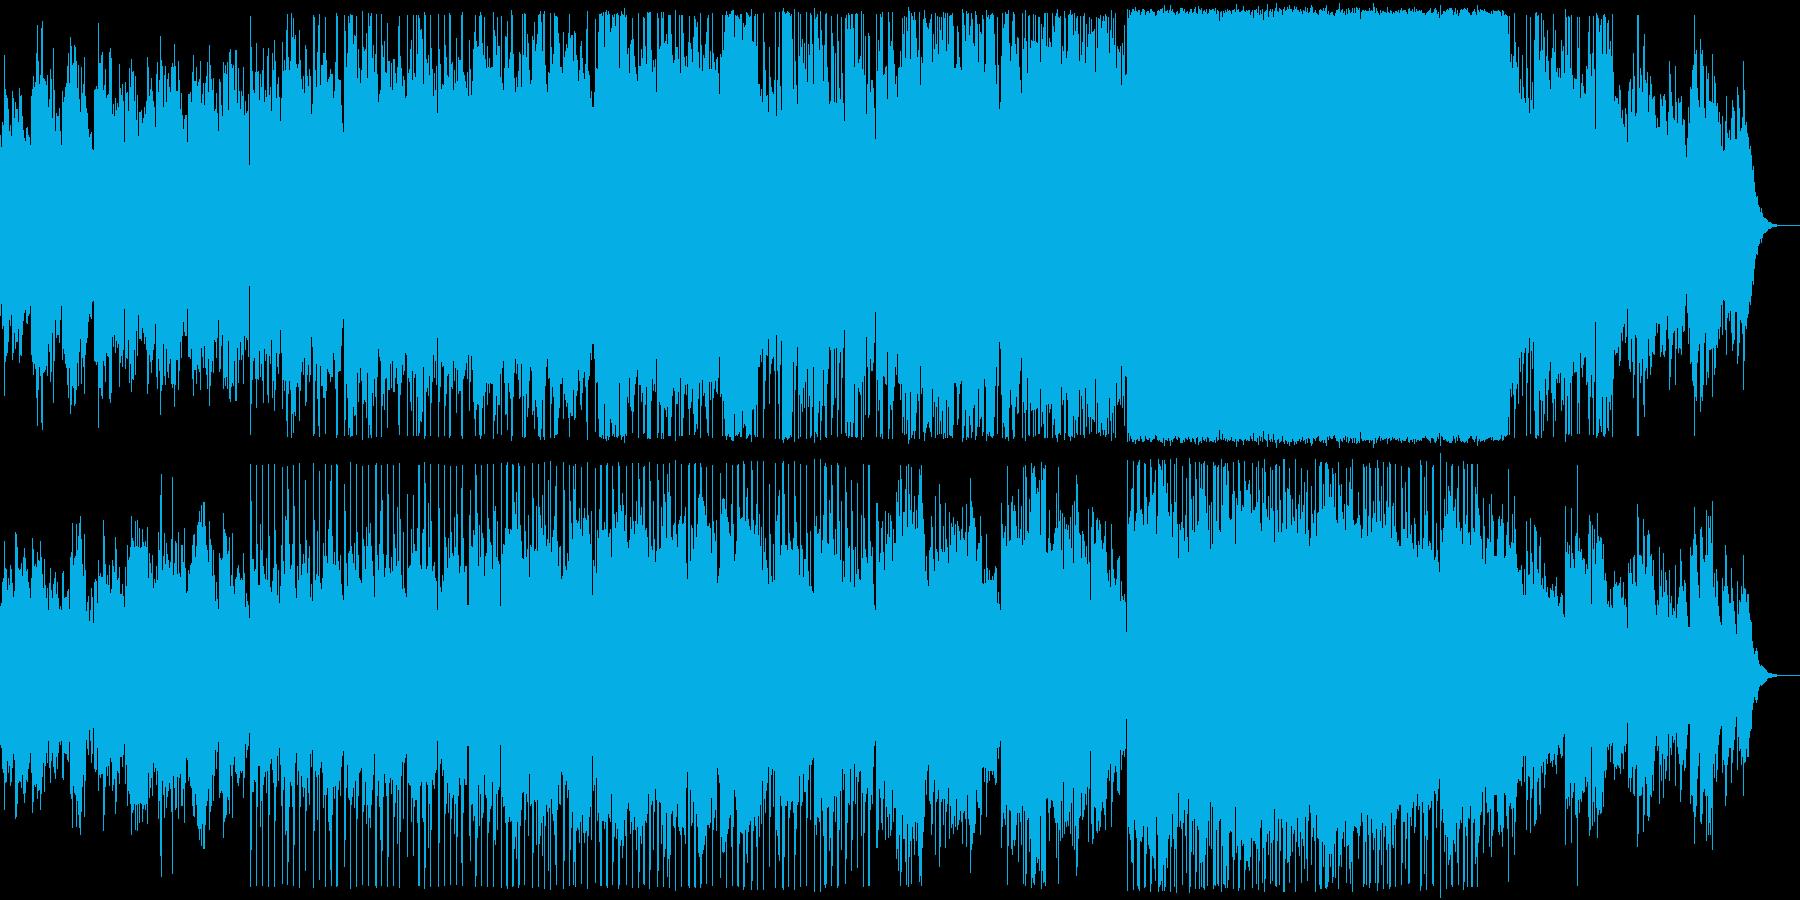 アンビエント/透明/優しい/風/電子音の再生済みの波形